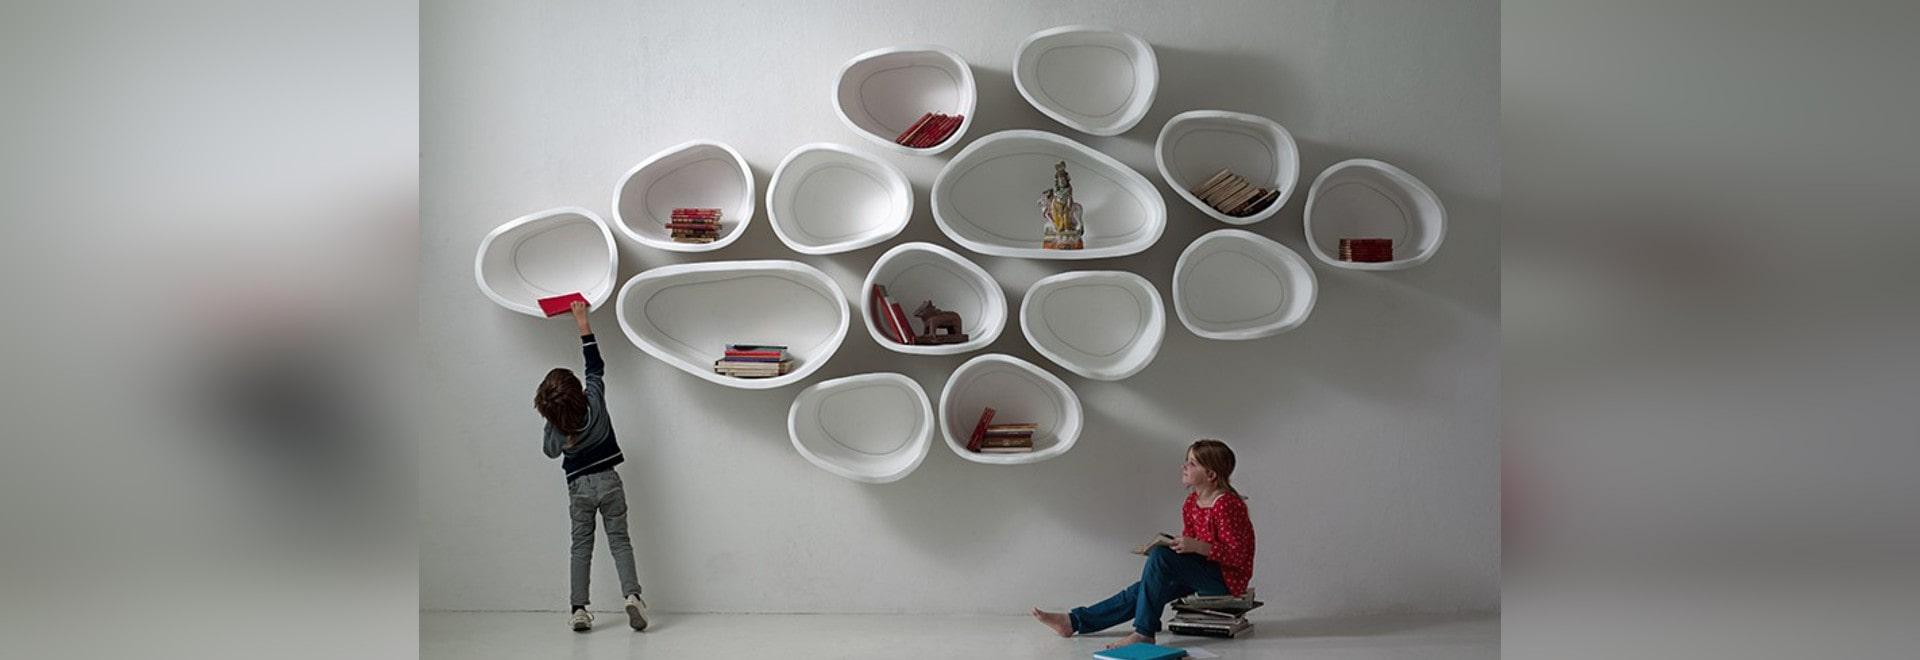 estantes modulares orgnico formados de la pared del diseo del